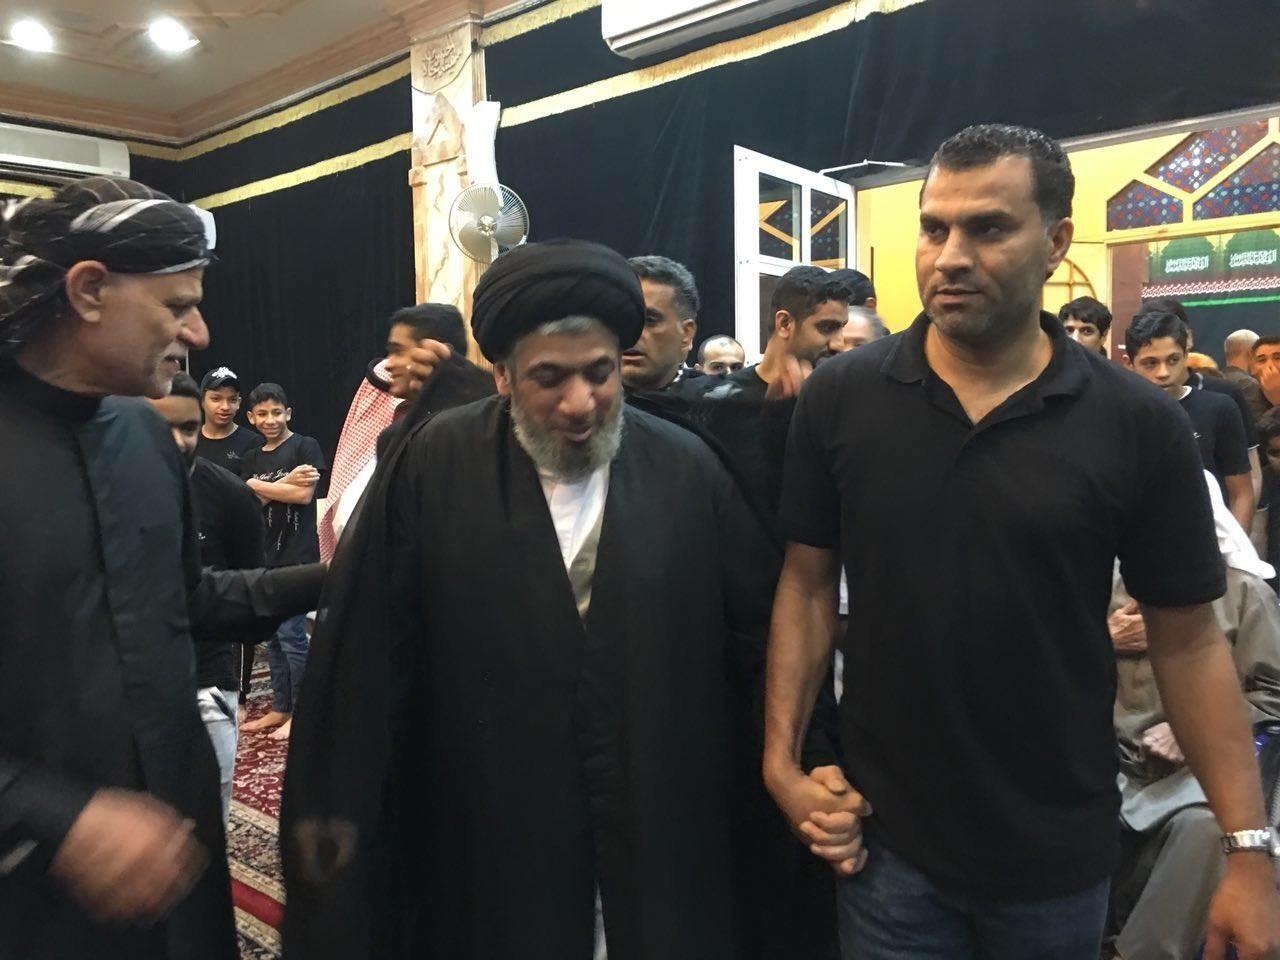 السيد أحمد الماجد إلى الحريّة ويُستقبل كالأبطال… إكمال المسيرة بعد كسر القيود